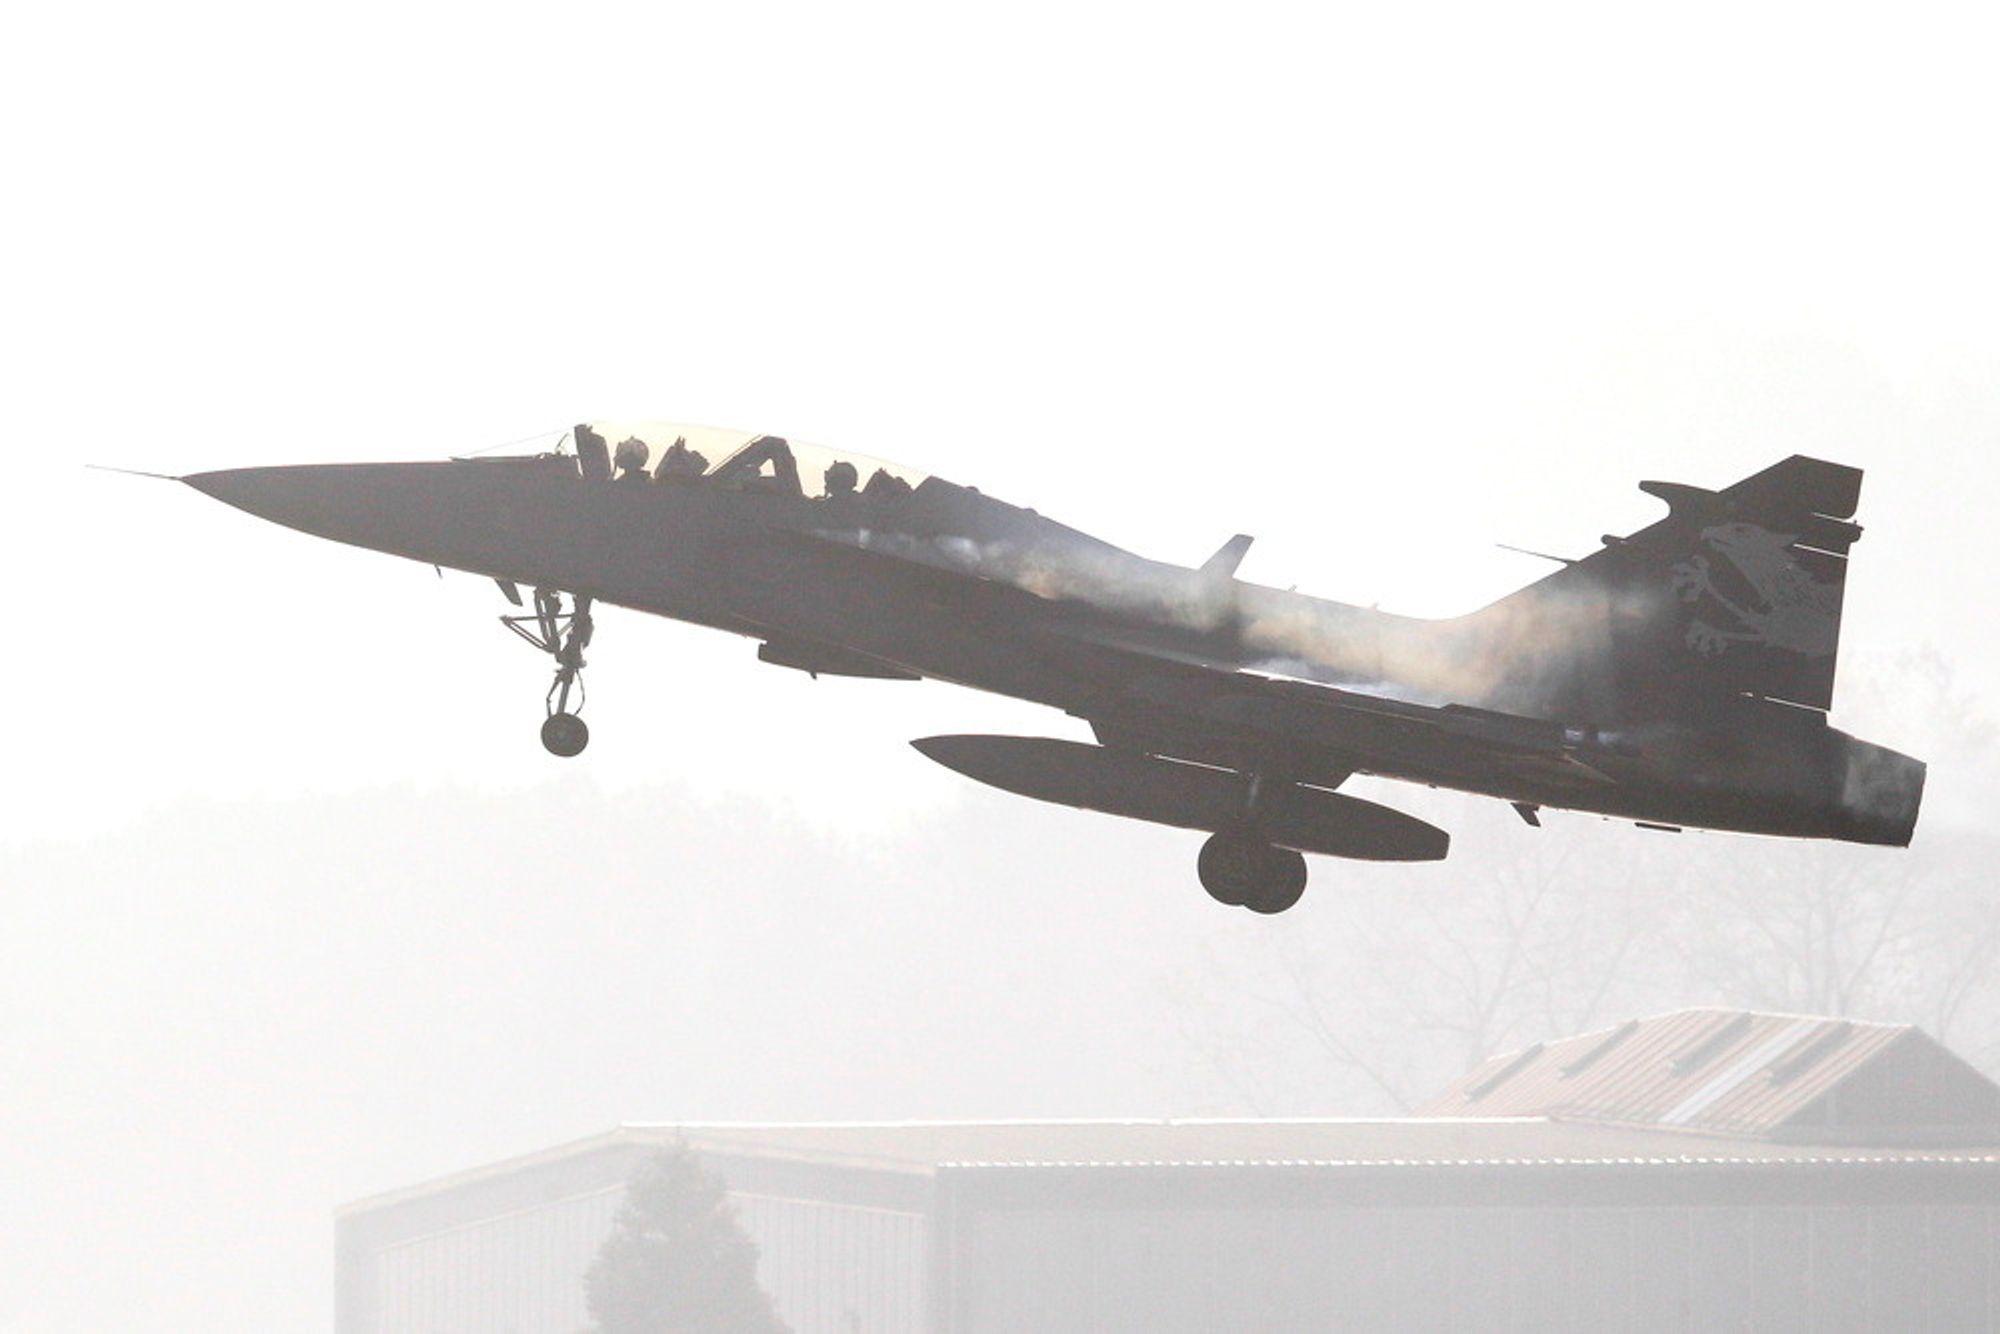 Svenskene vil ikke delta i den danske jagerflykonkurransen med sitt Gripen. De mener kriteriene i anbudet legger føringer som er svært fordelaktige for amerikanske F-35.